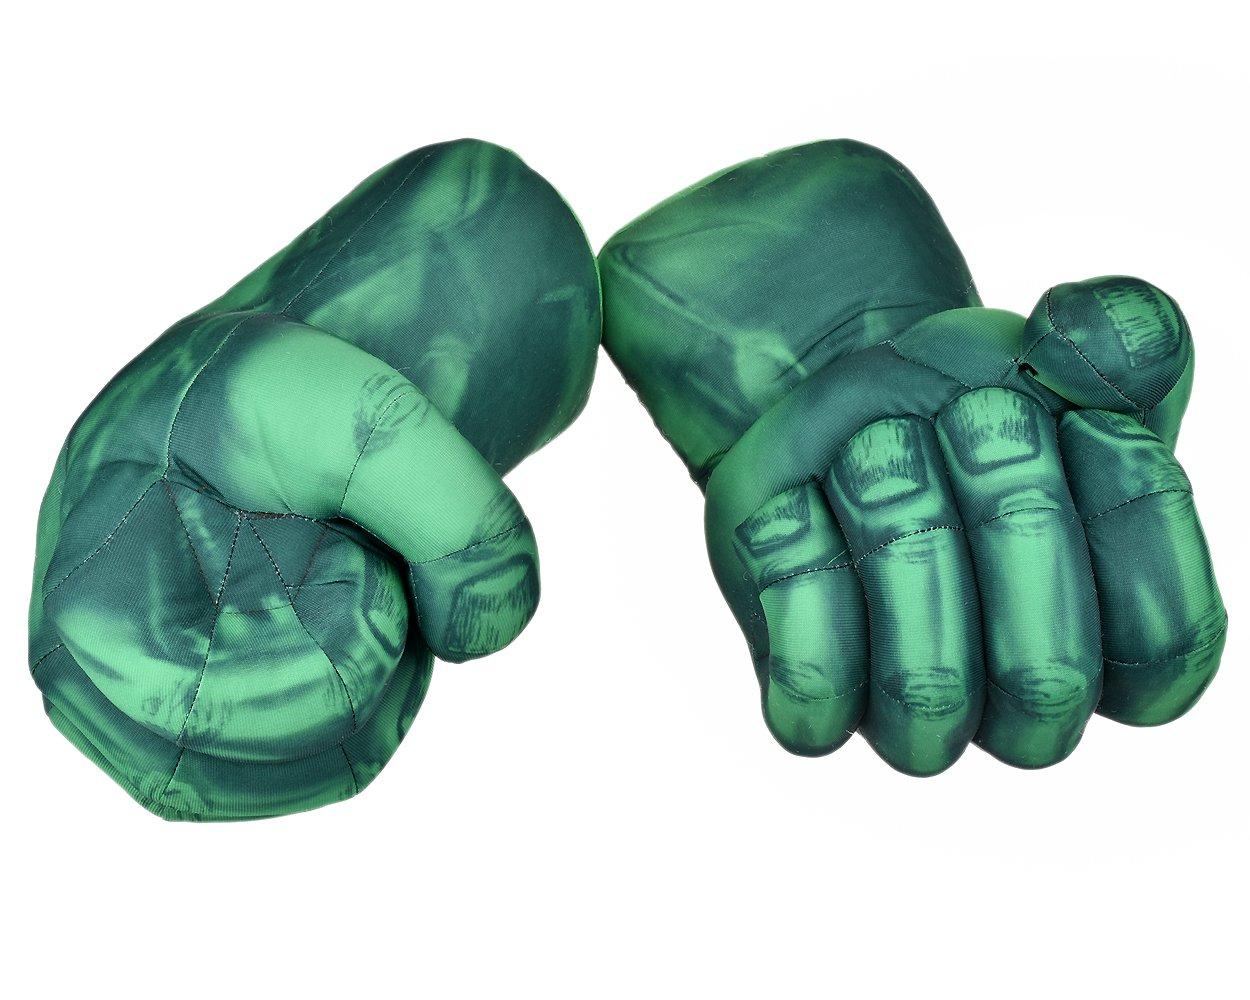 distinctive style Dstyles Guanti da Boxe per Bambini Paio di Guanti da Pugilate Peluche Guanti da Combattimento Grande Costume Cosplay per Bambini Verde ds